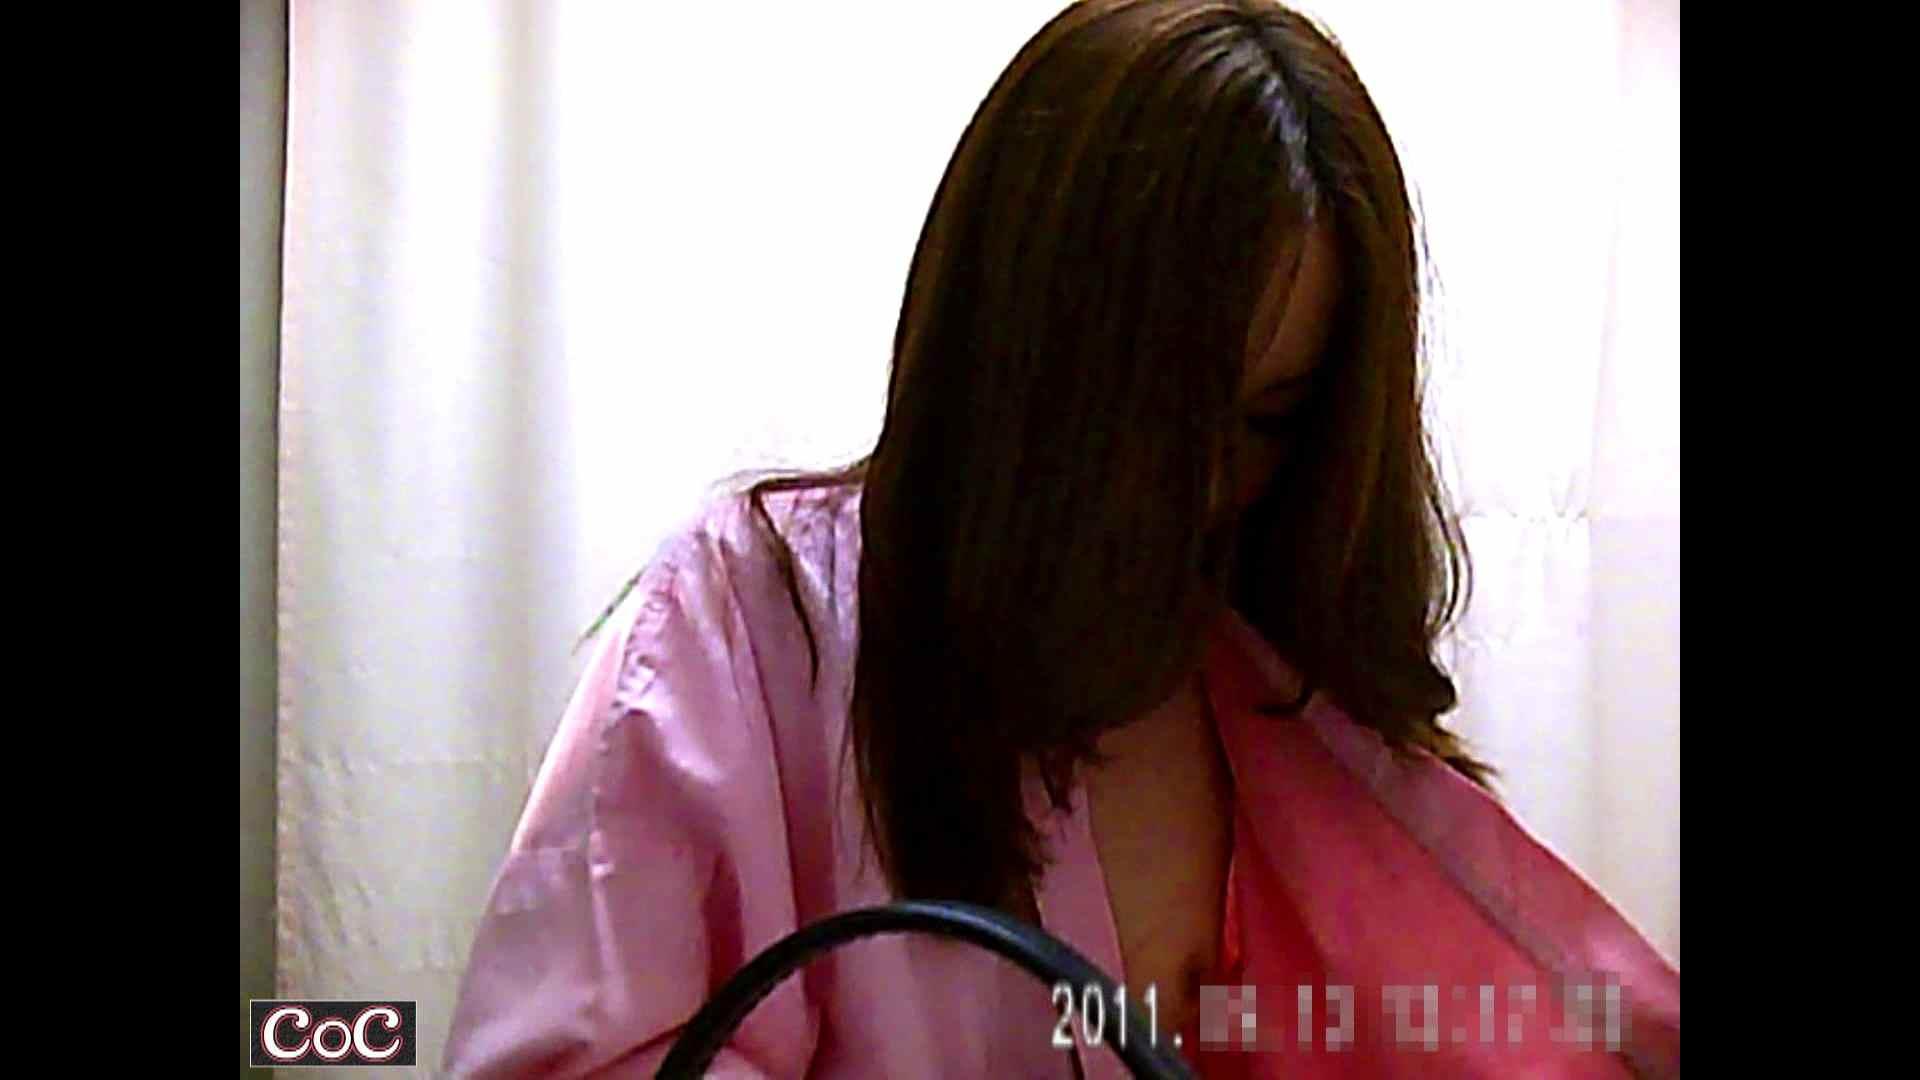 病院おもいっきり着替え! vol.24 盗撮 のぞき動画画像 100PIX 79